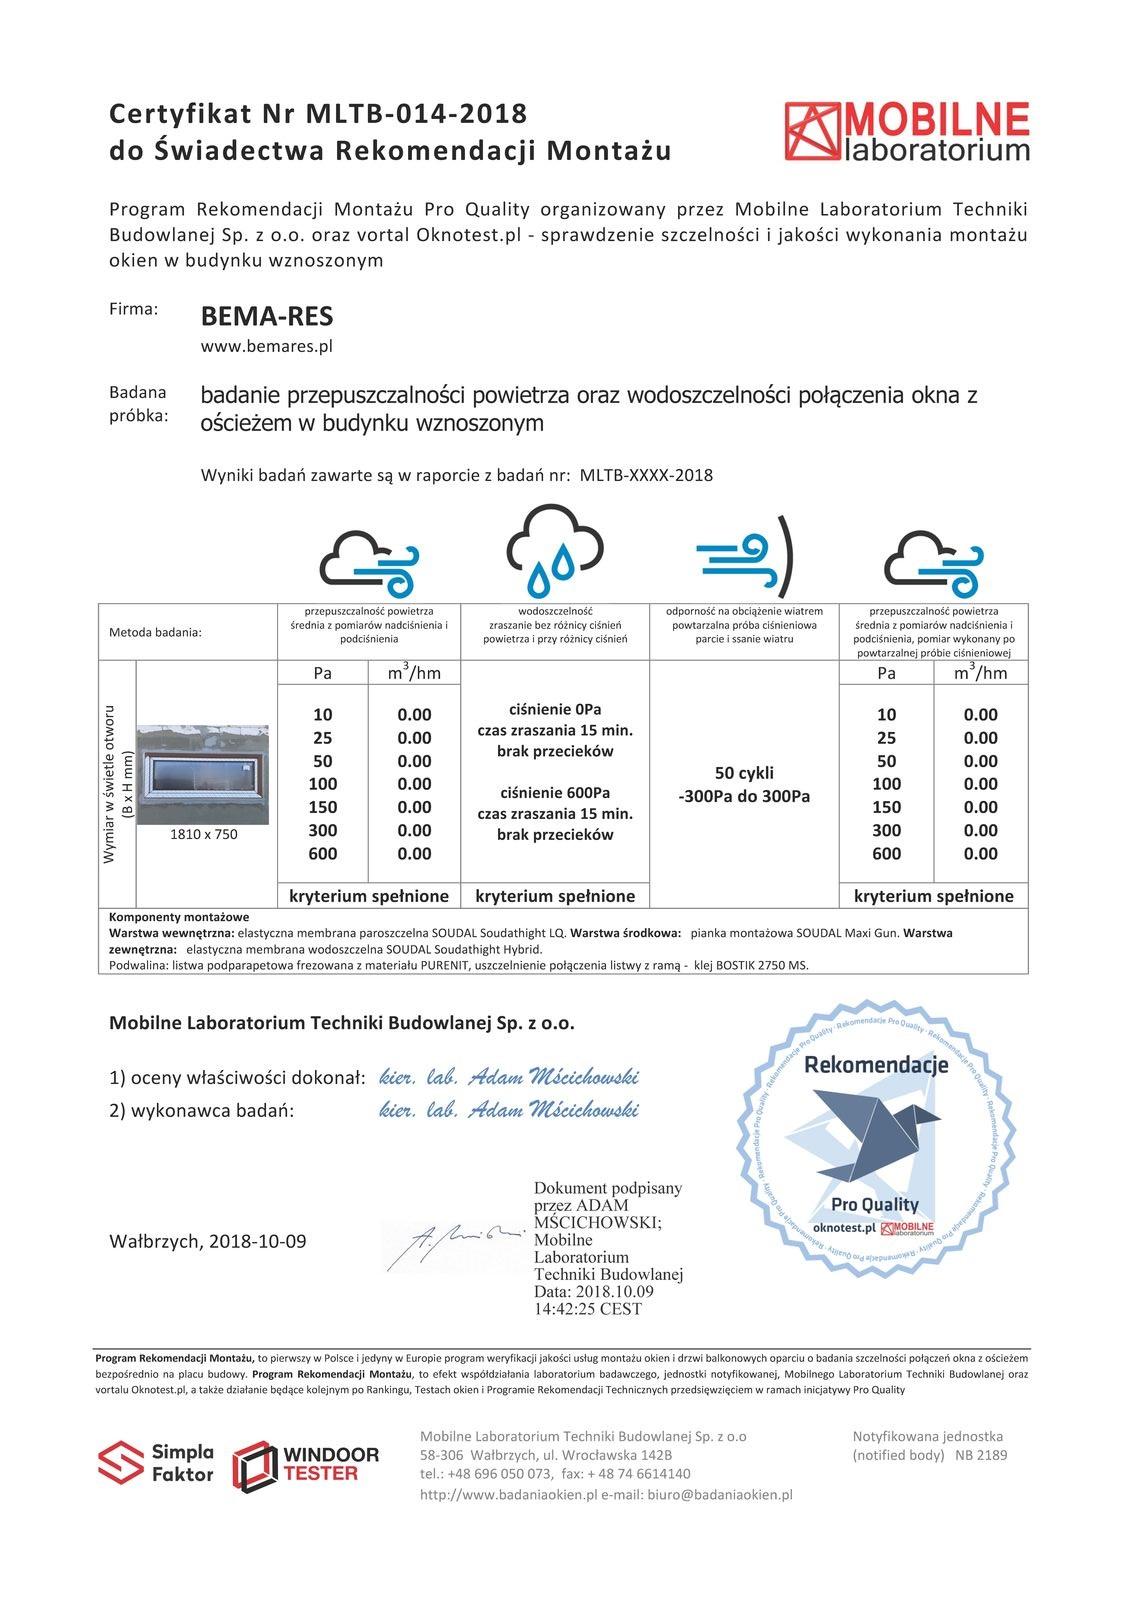 Certyfikat szczelności montażu dla firmy BEMARES wydany przez Mobilne Laboratorium Techniki Budowlanej w Wałbrzychu